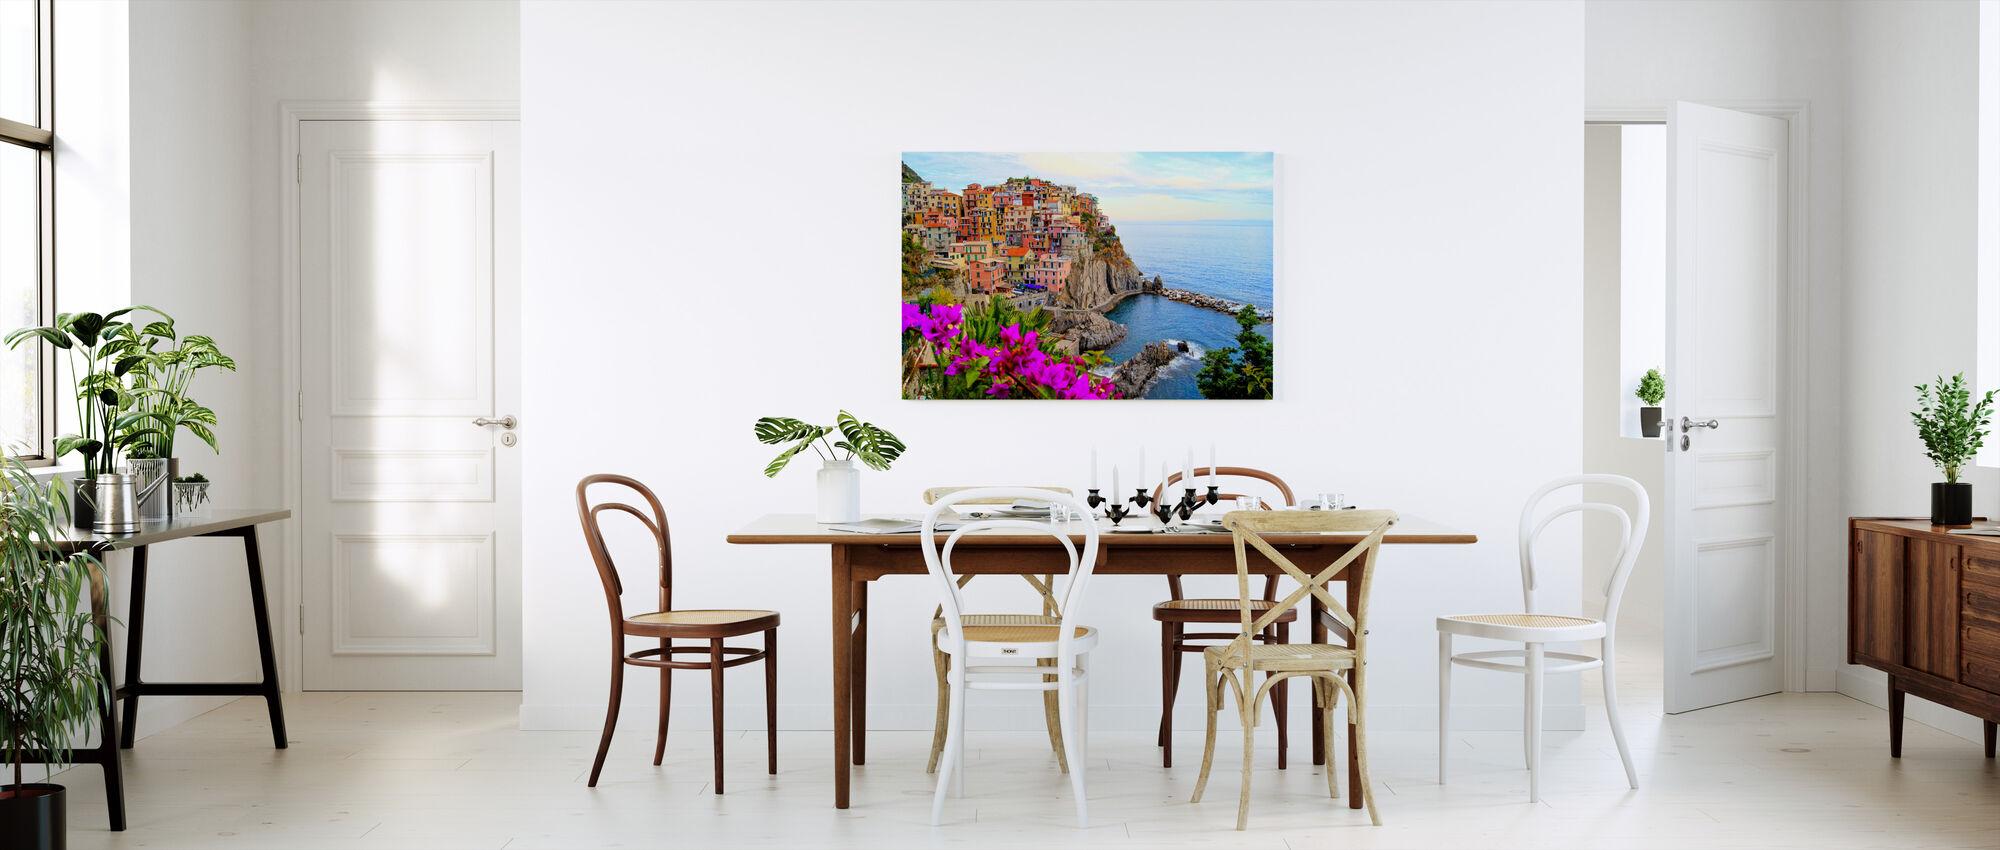 Byar Manarola, Italien - Canvastavla - Kök